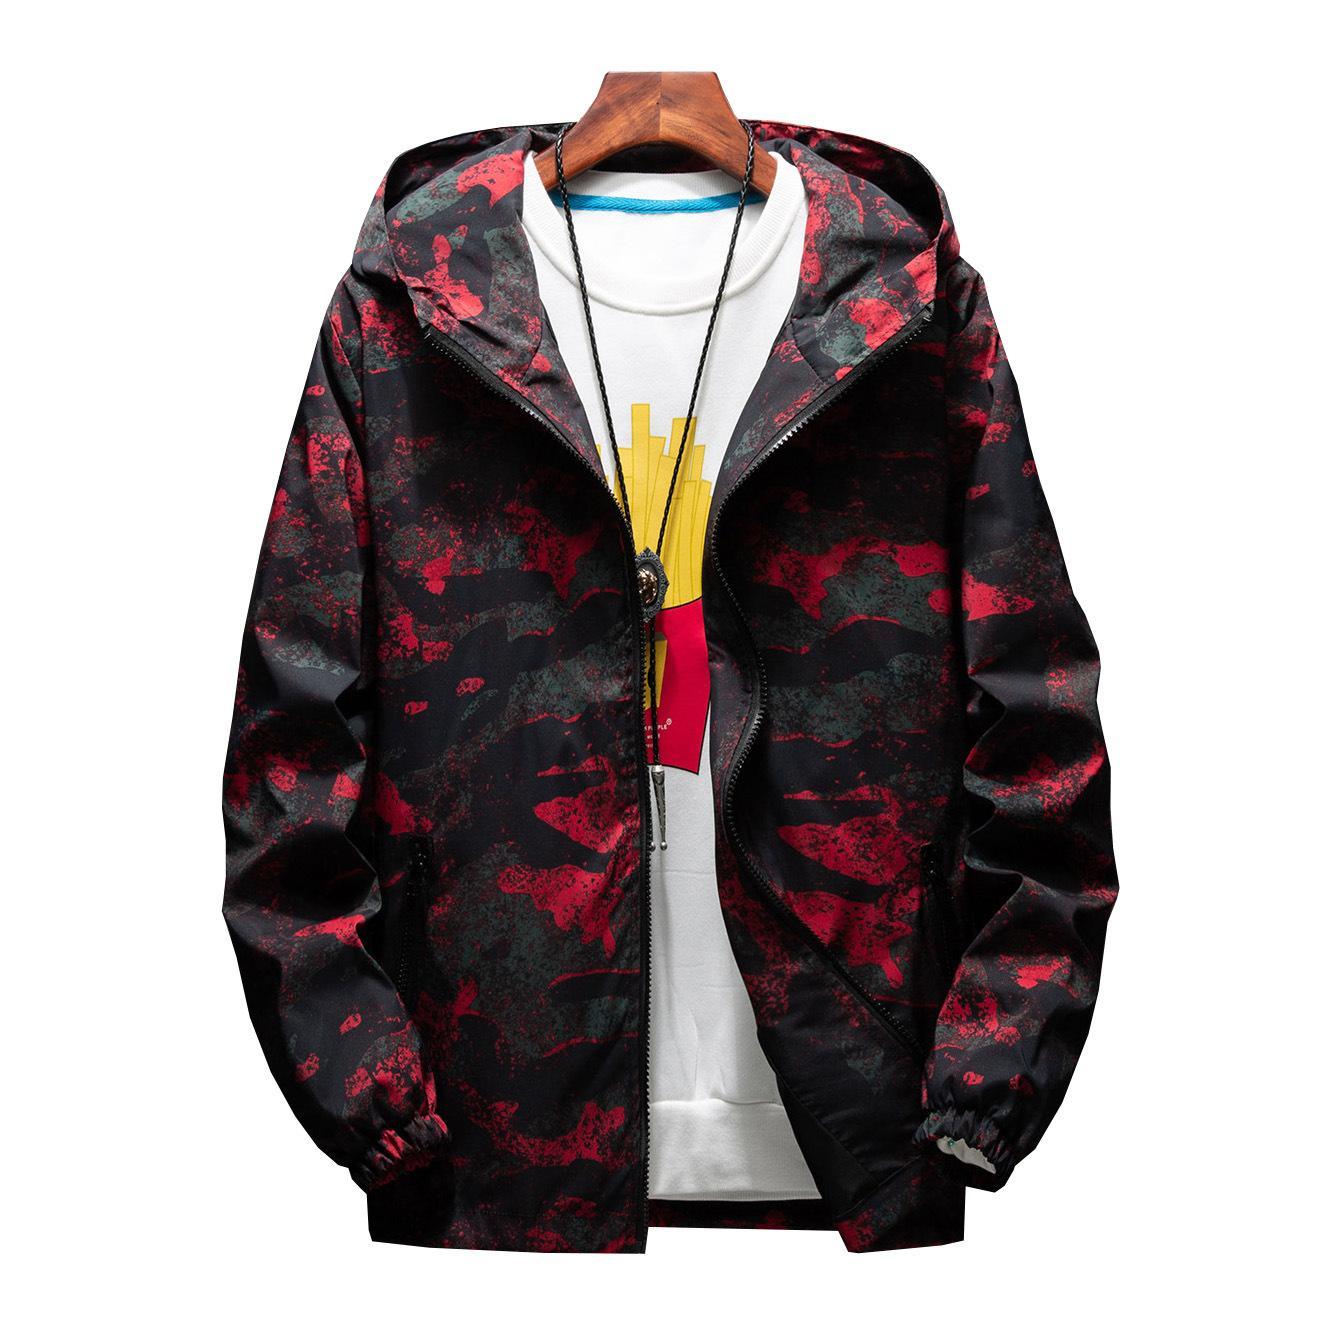 Uomini caldi di vendita Giacca moda mimetica primavera estate autunno marea maschio con cappuccio sottile protezione solare cappotto all'ingrosso M-7XL